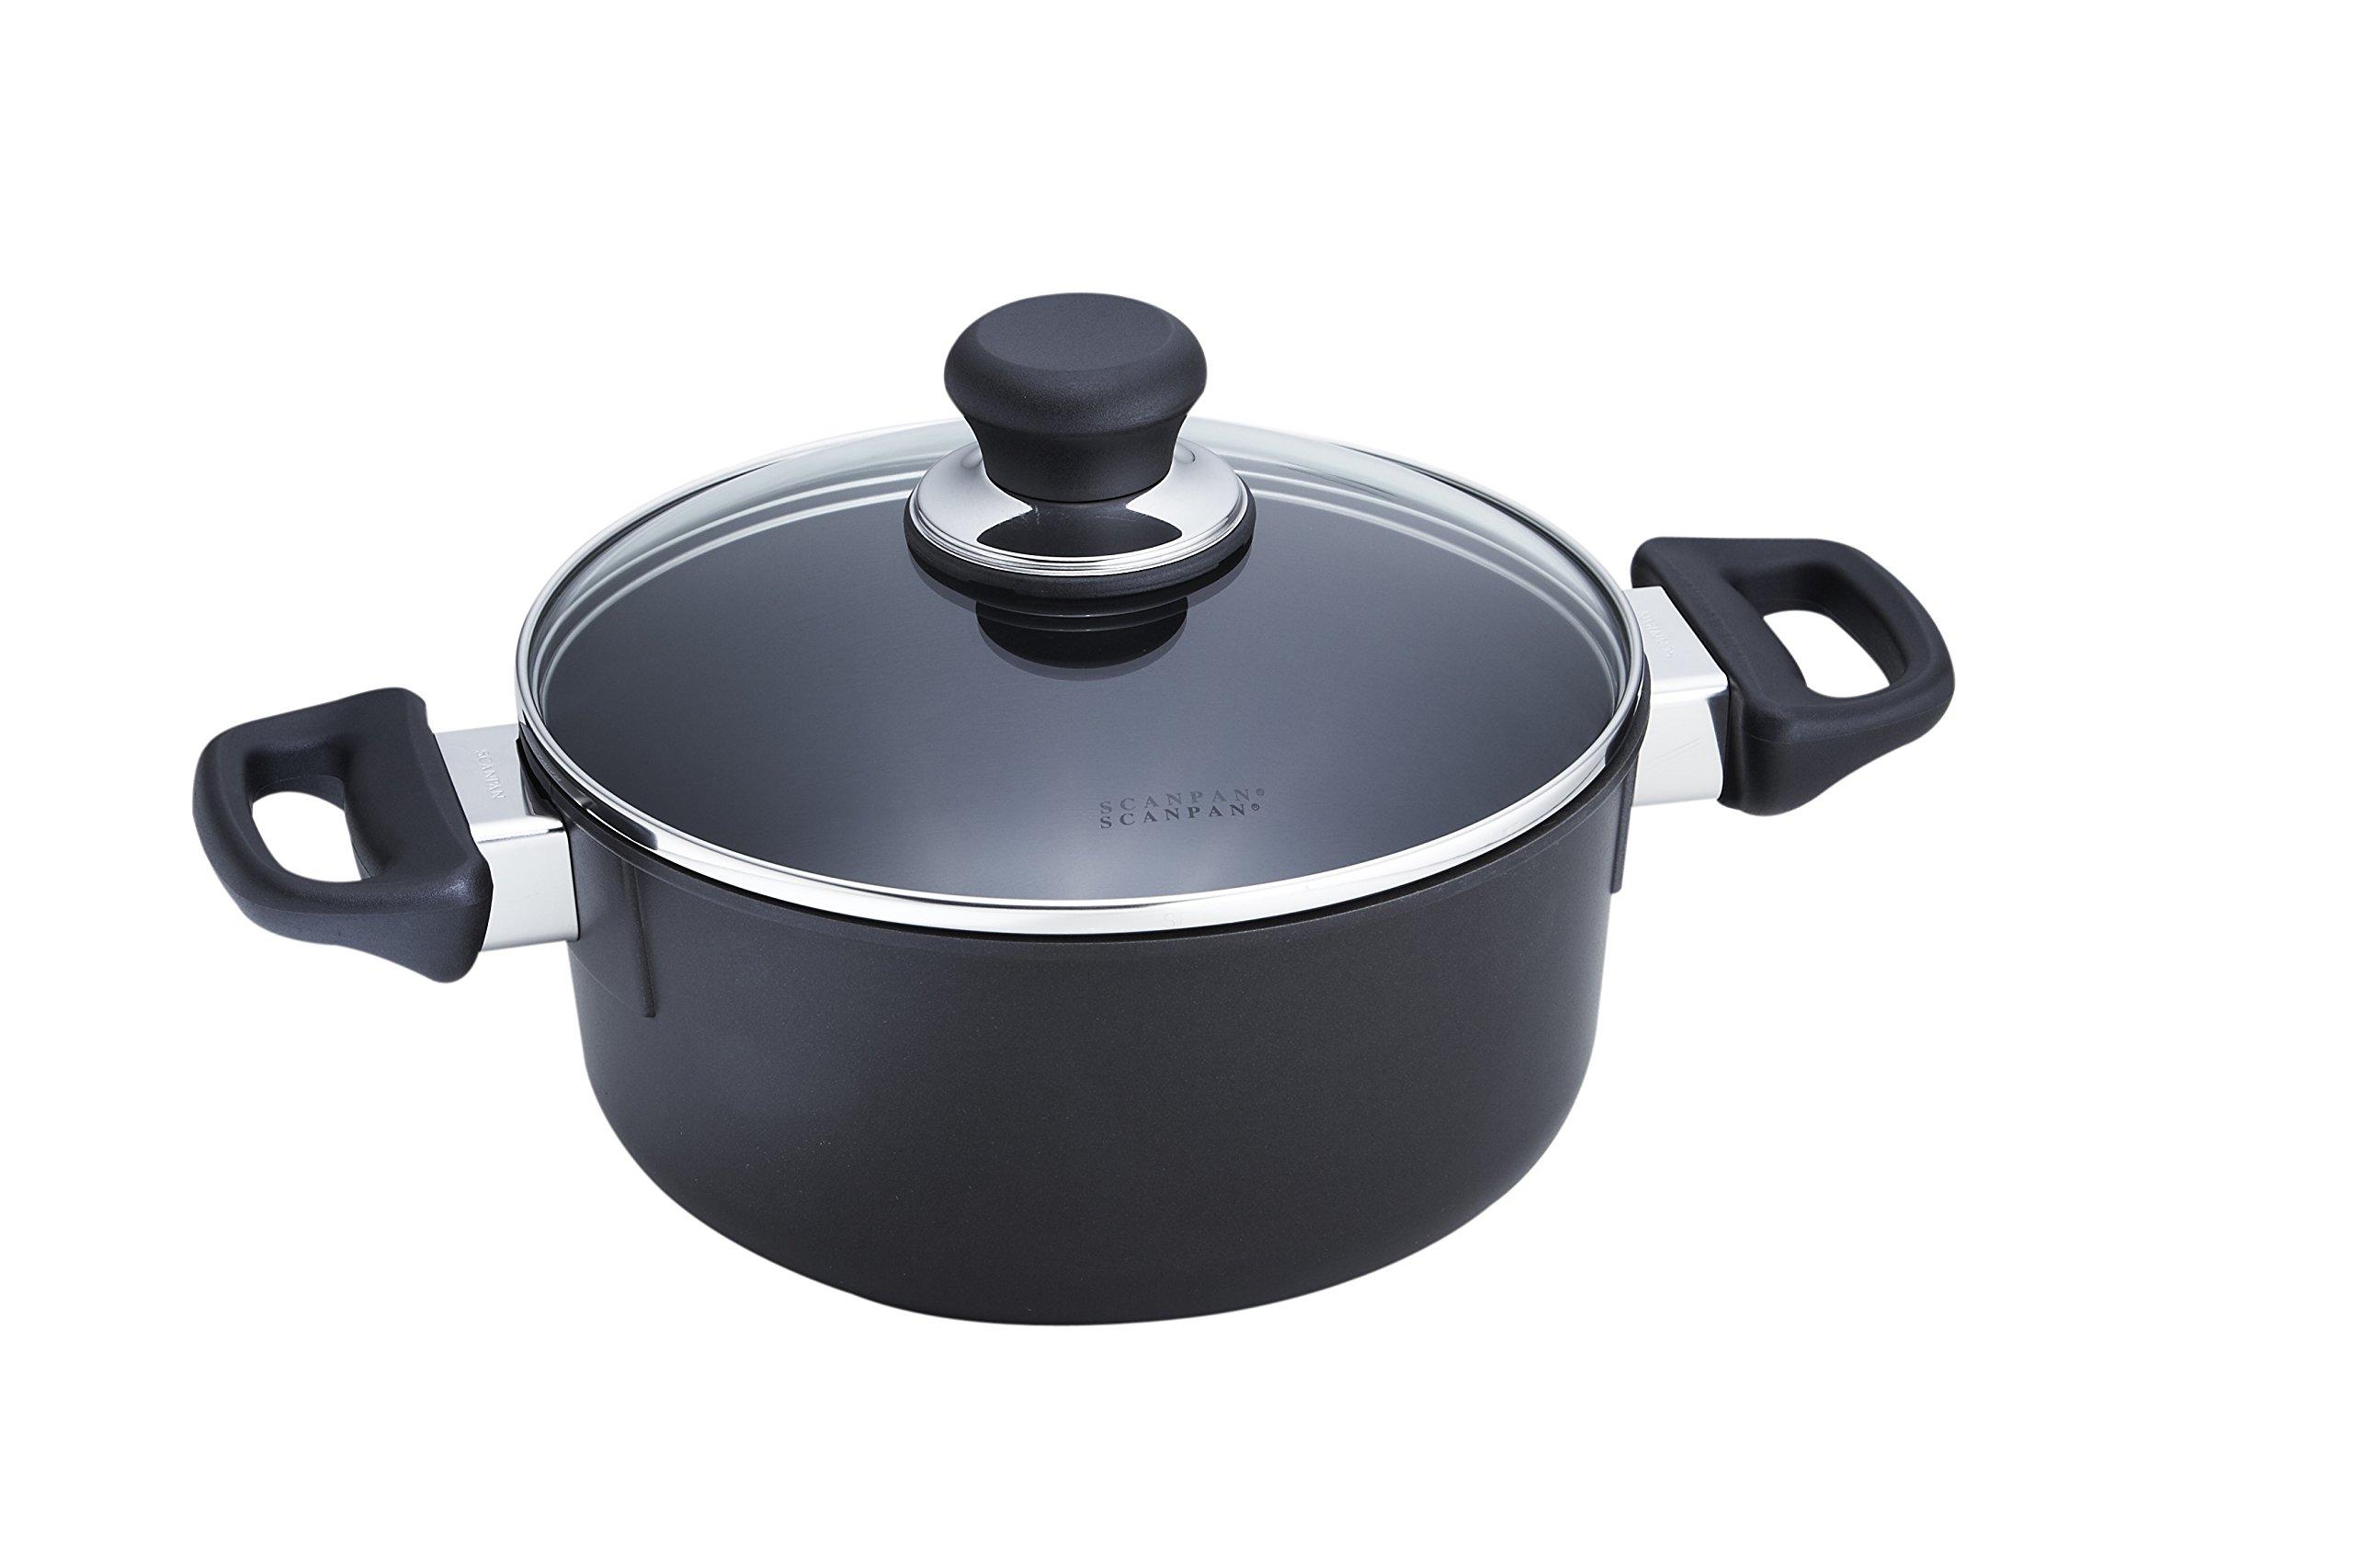 Scanpan Classic 2-3/4-Quart Low Sauce Pot